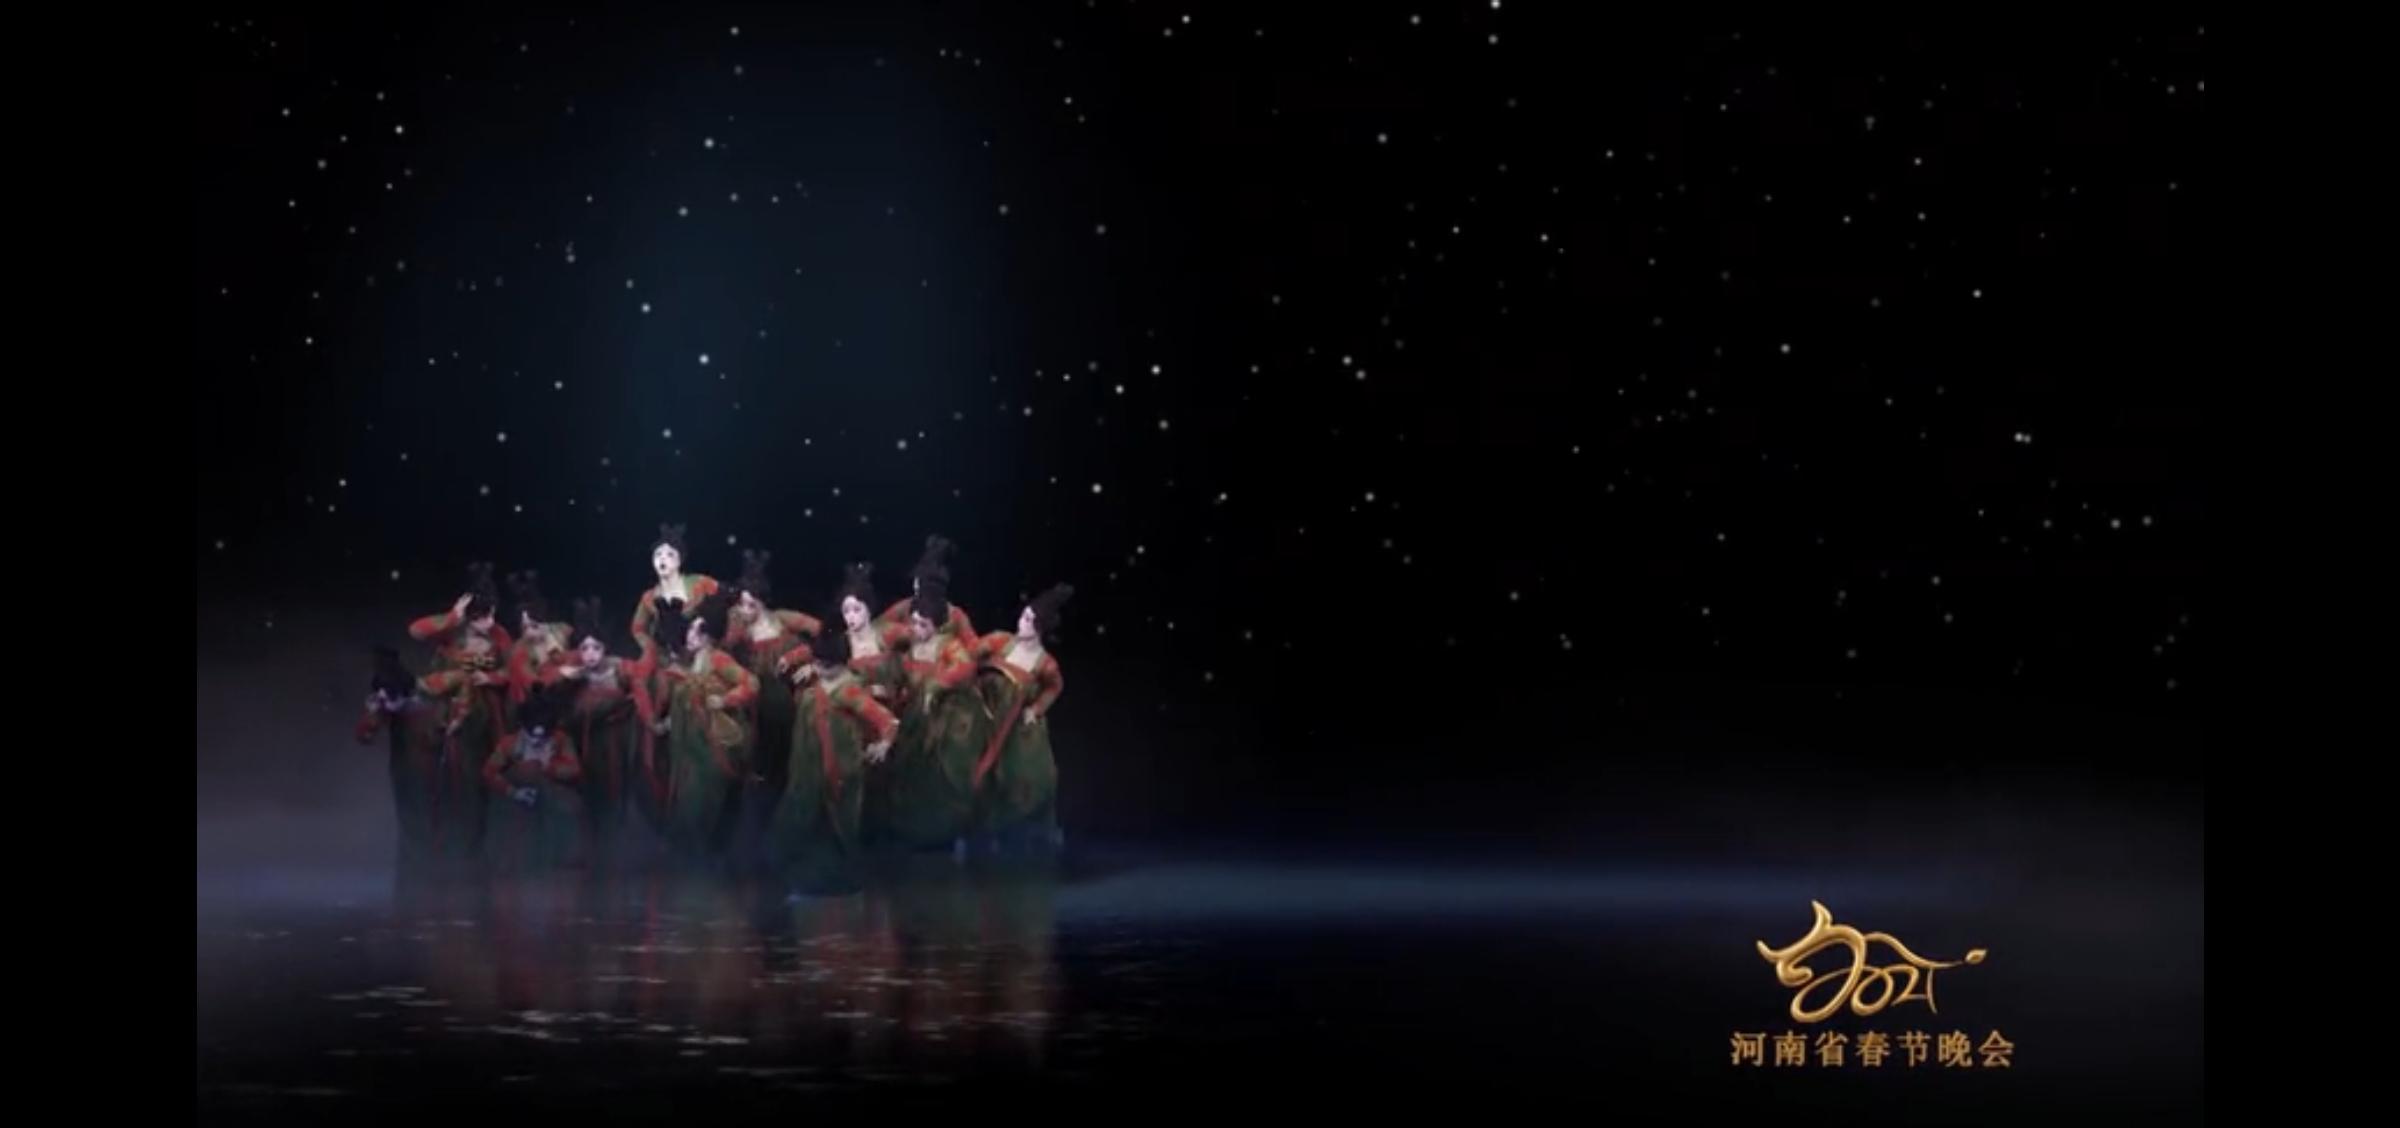 湖面为镜理红妆 《唐宫夜宴》剧照 图自河南卫视公众号视频发布截屏